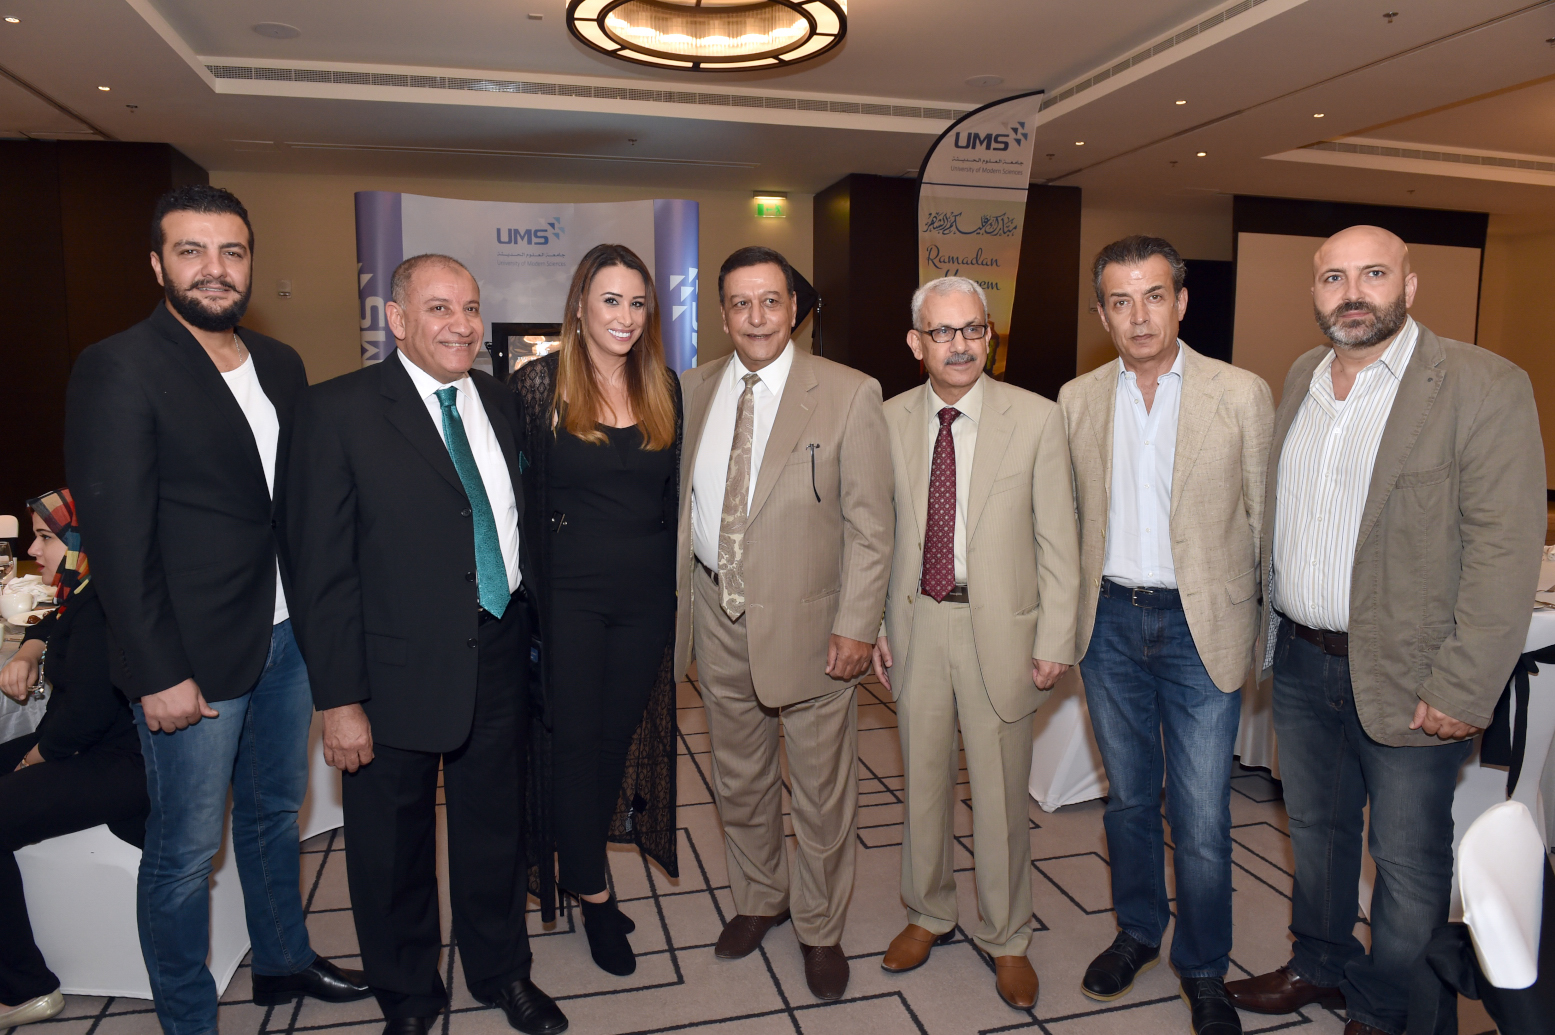 صورة نجوم الفن والاعلام في يجتمعون بحفل جامعة العلوم في دبي